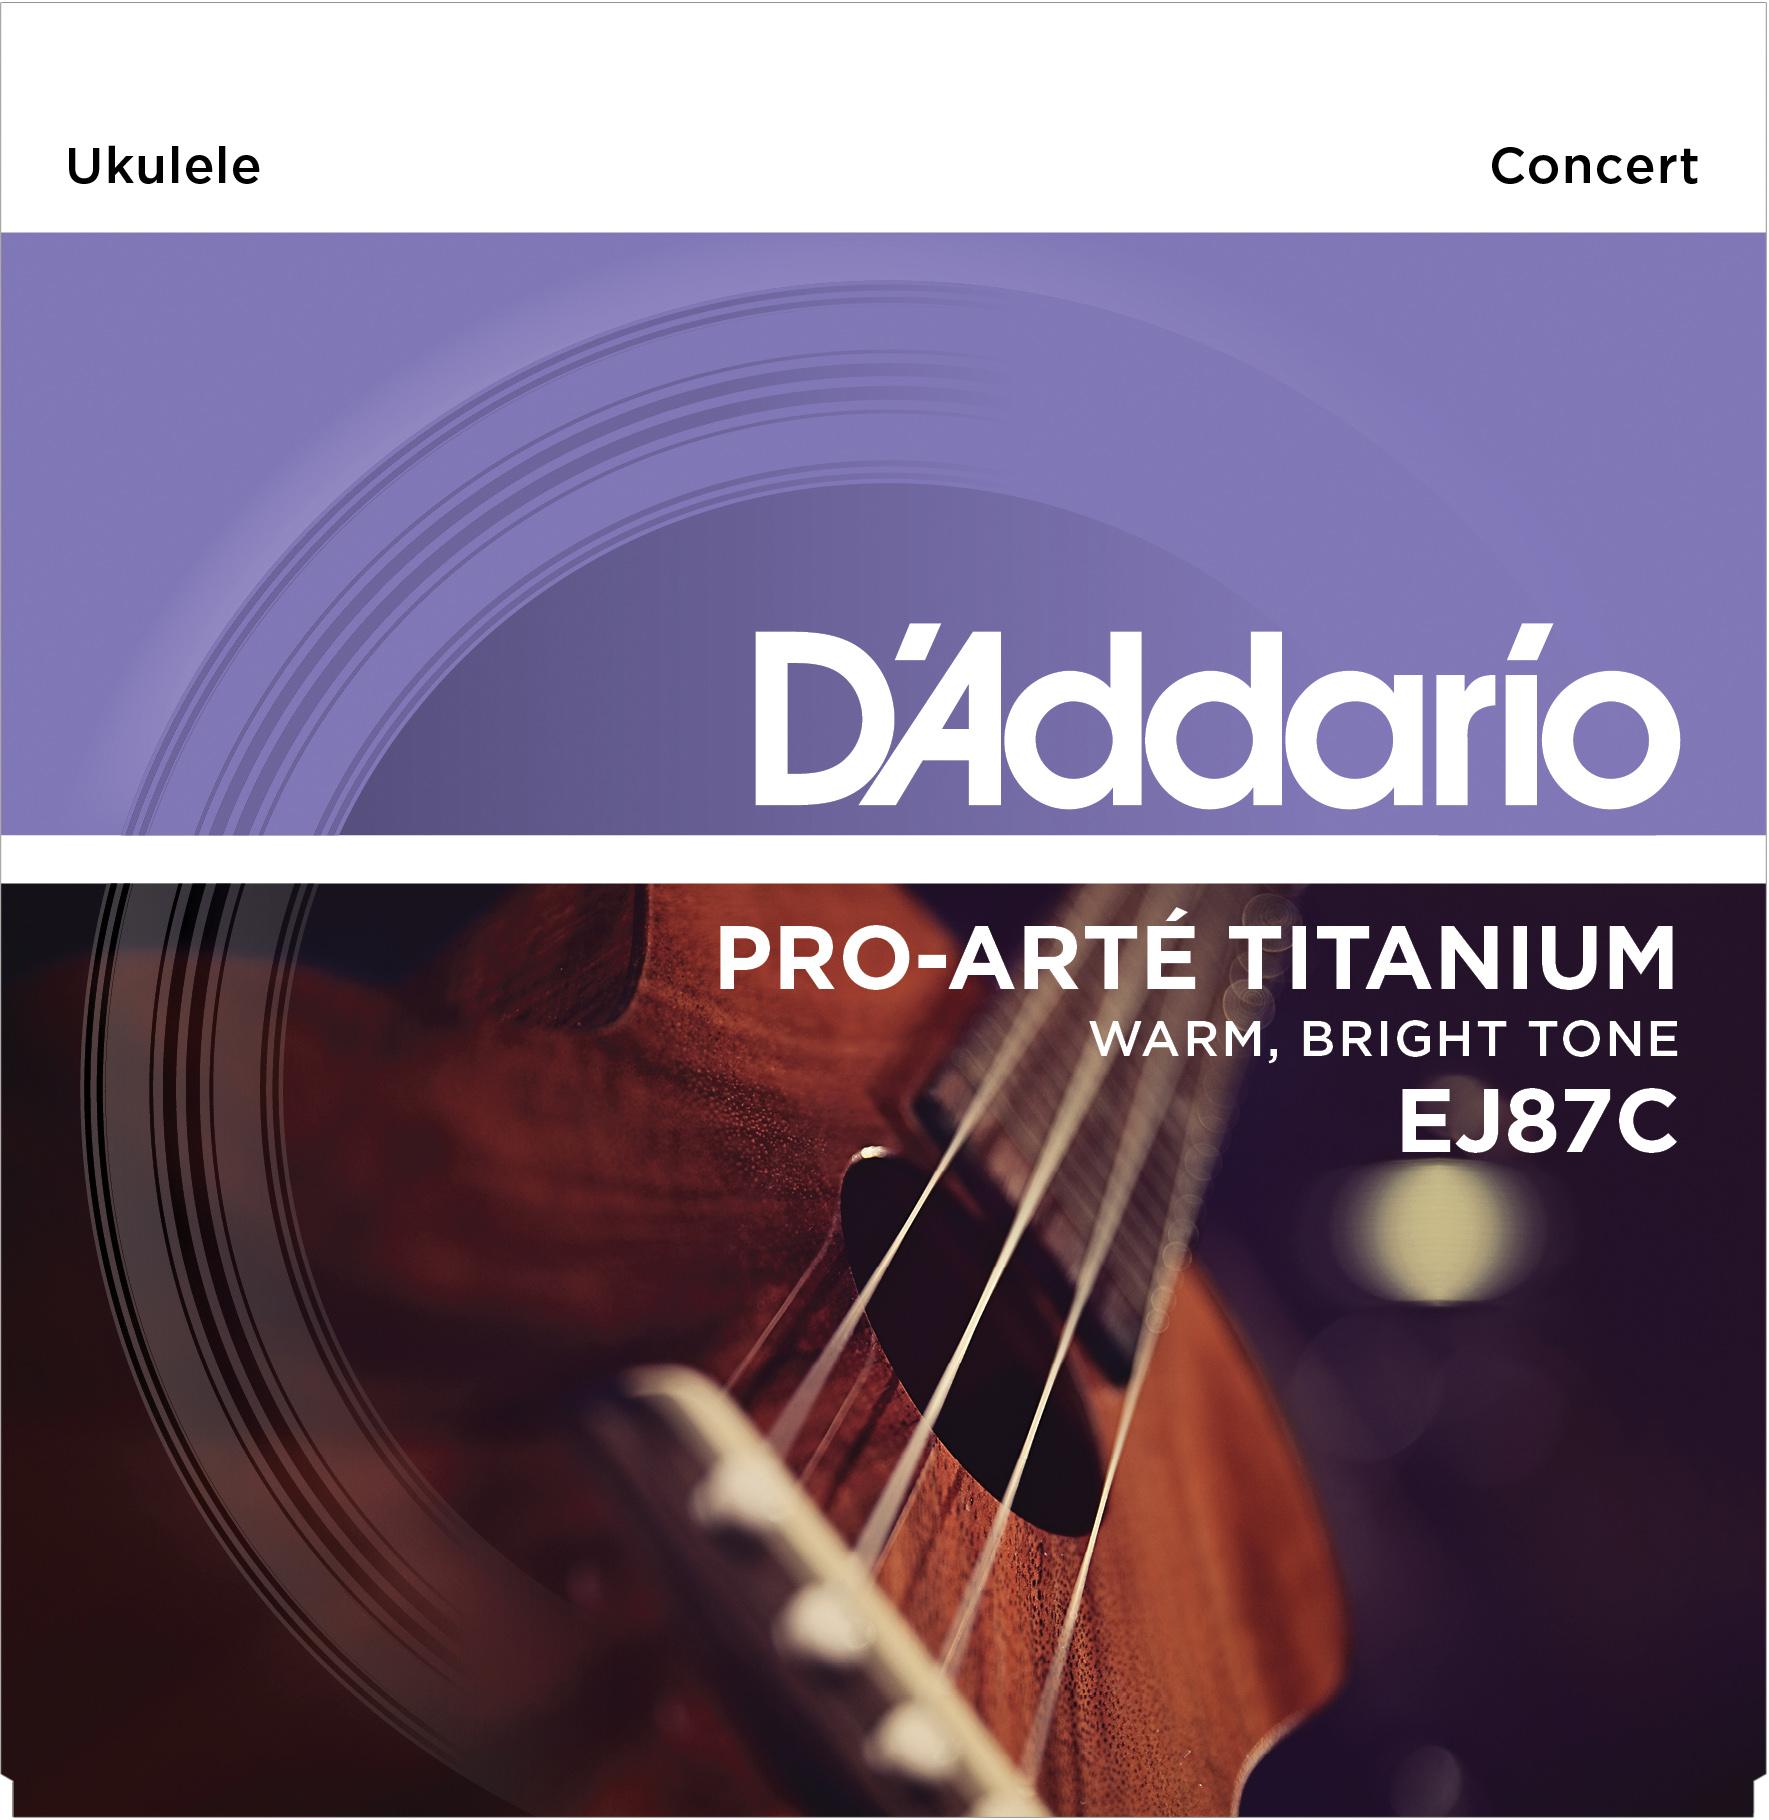 D'Addario EJ87C Titanium Concert Ukulele Stringset